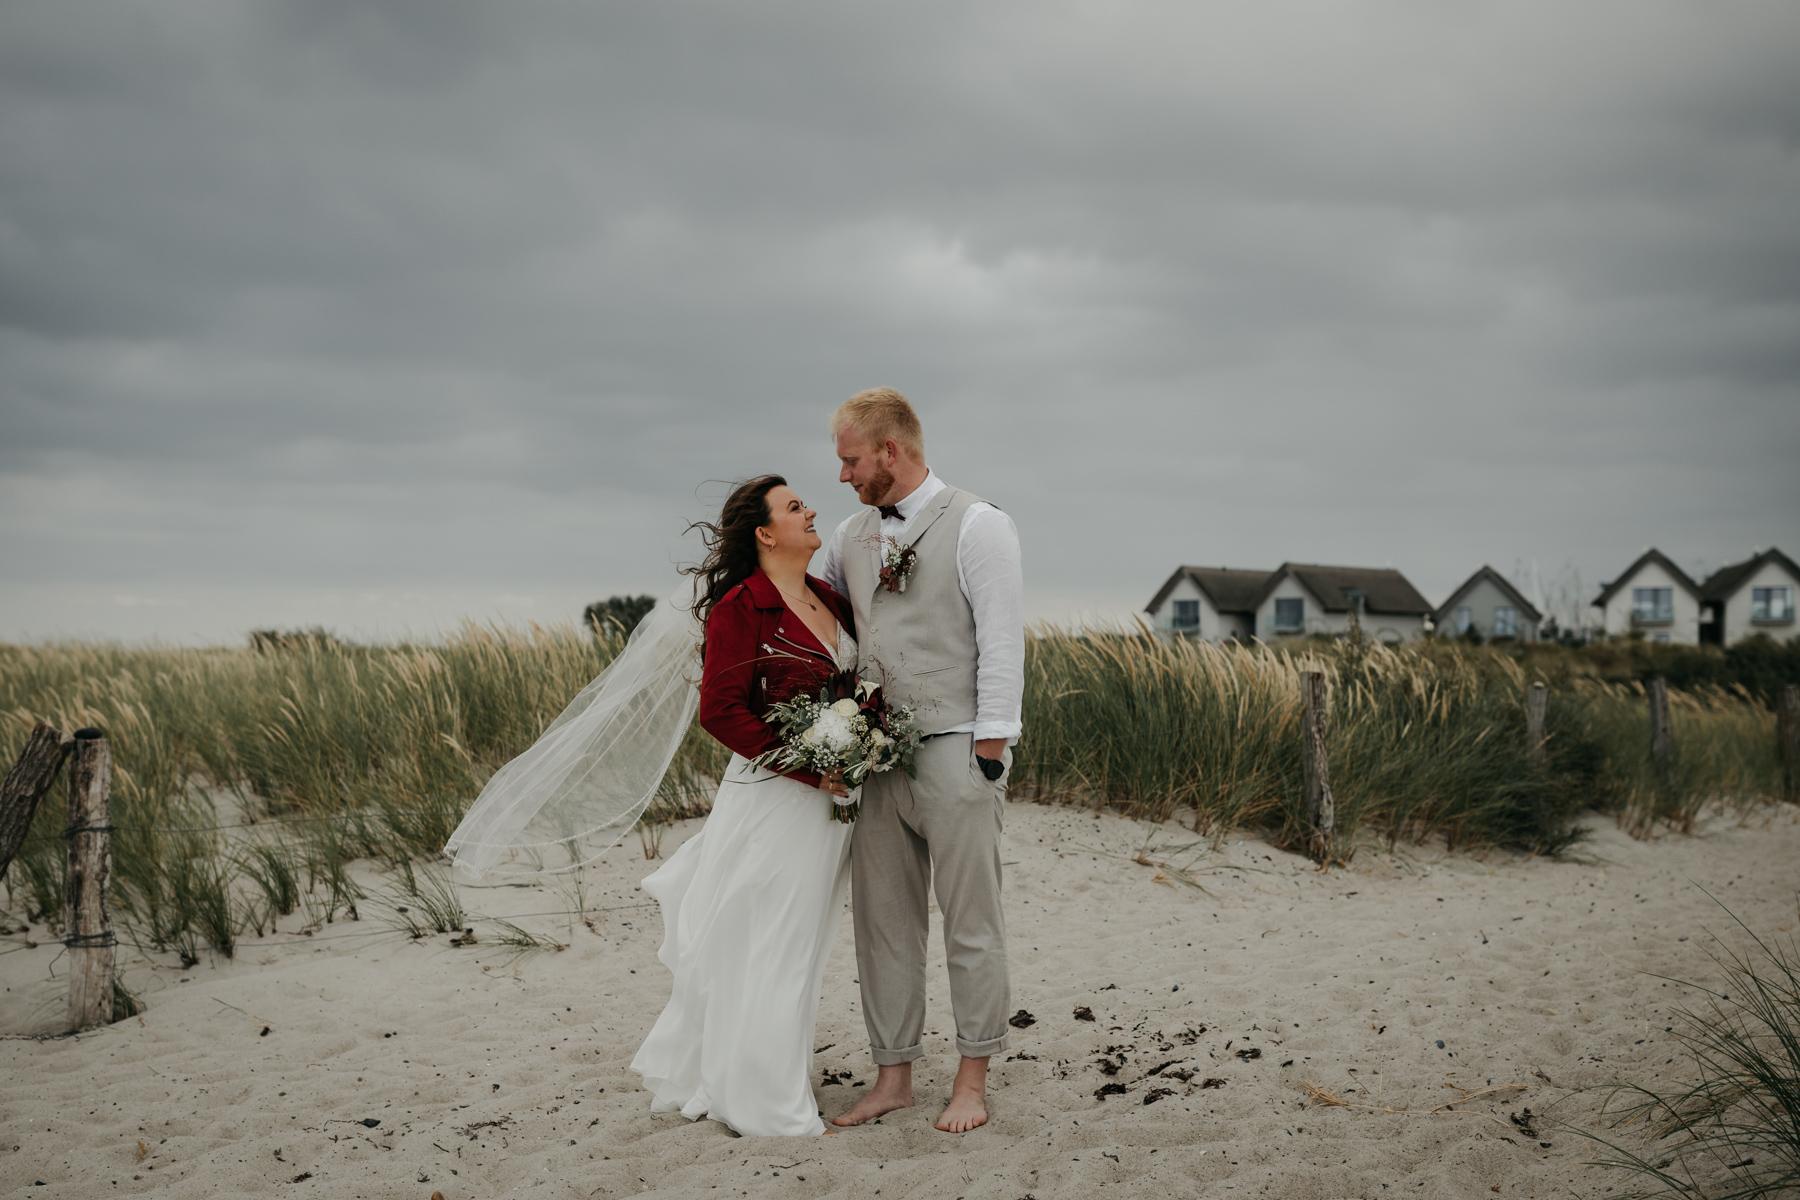 Brautpaarfoto Juli Schneegans in den Dünen